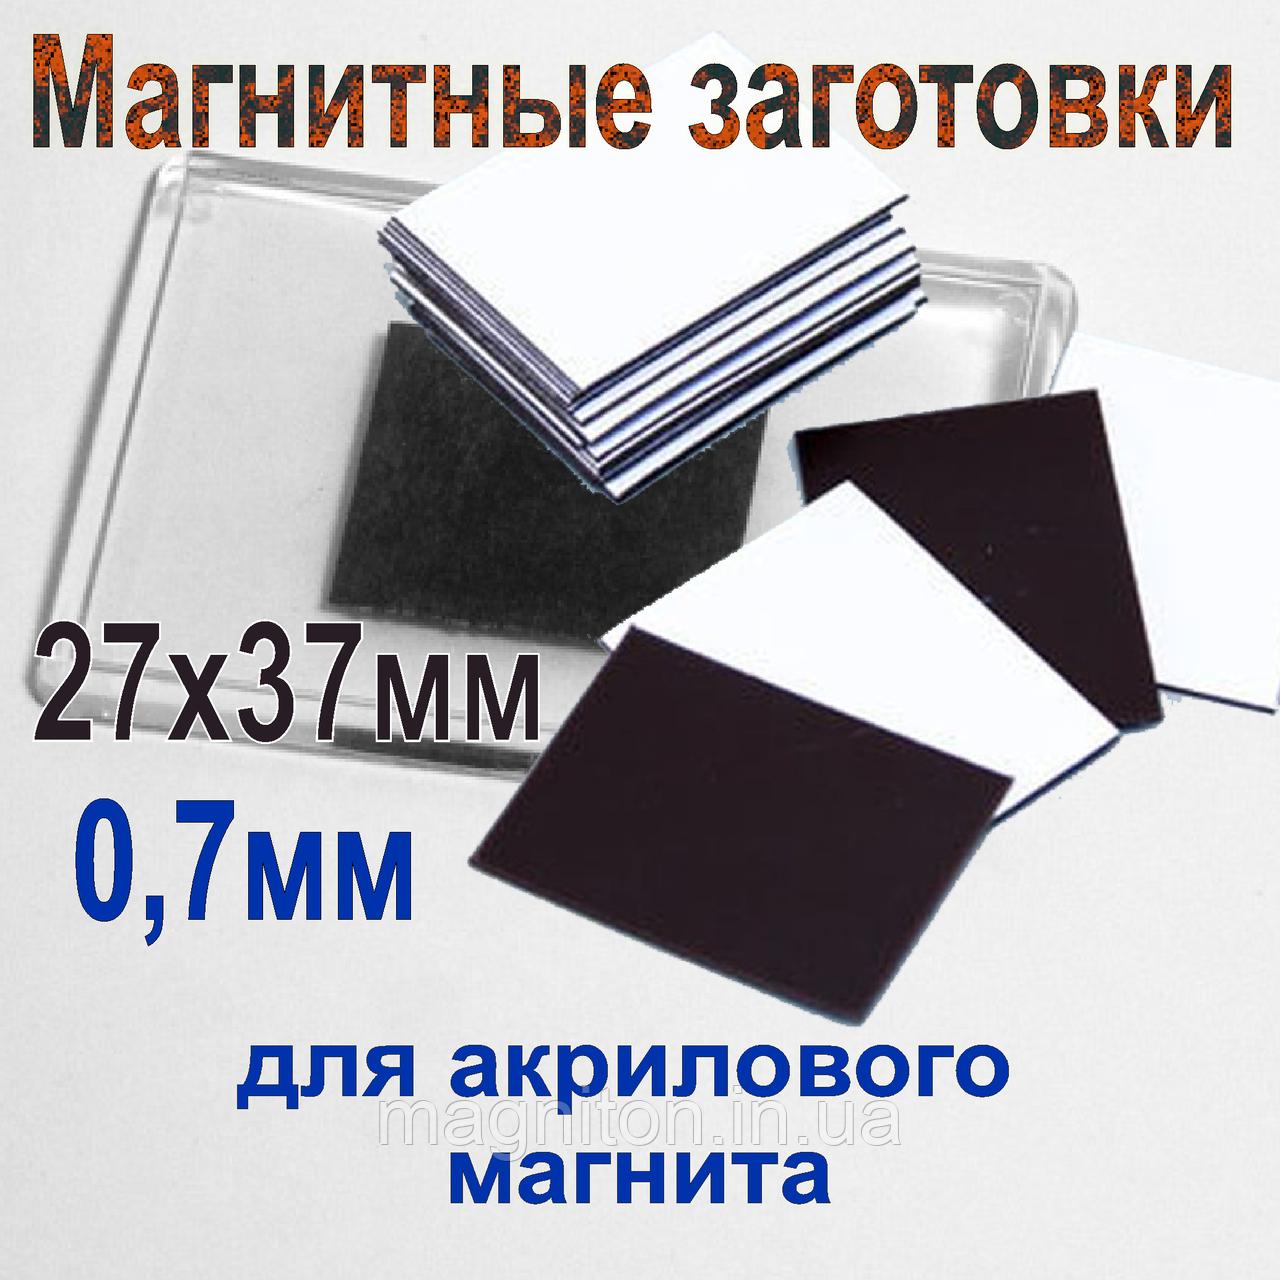 Магнитный винил. Заготовки 0,7мм с клеевым слоем 27х37 мм для акриловых магнитов